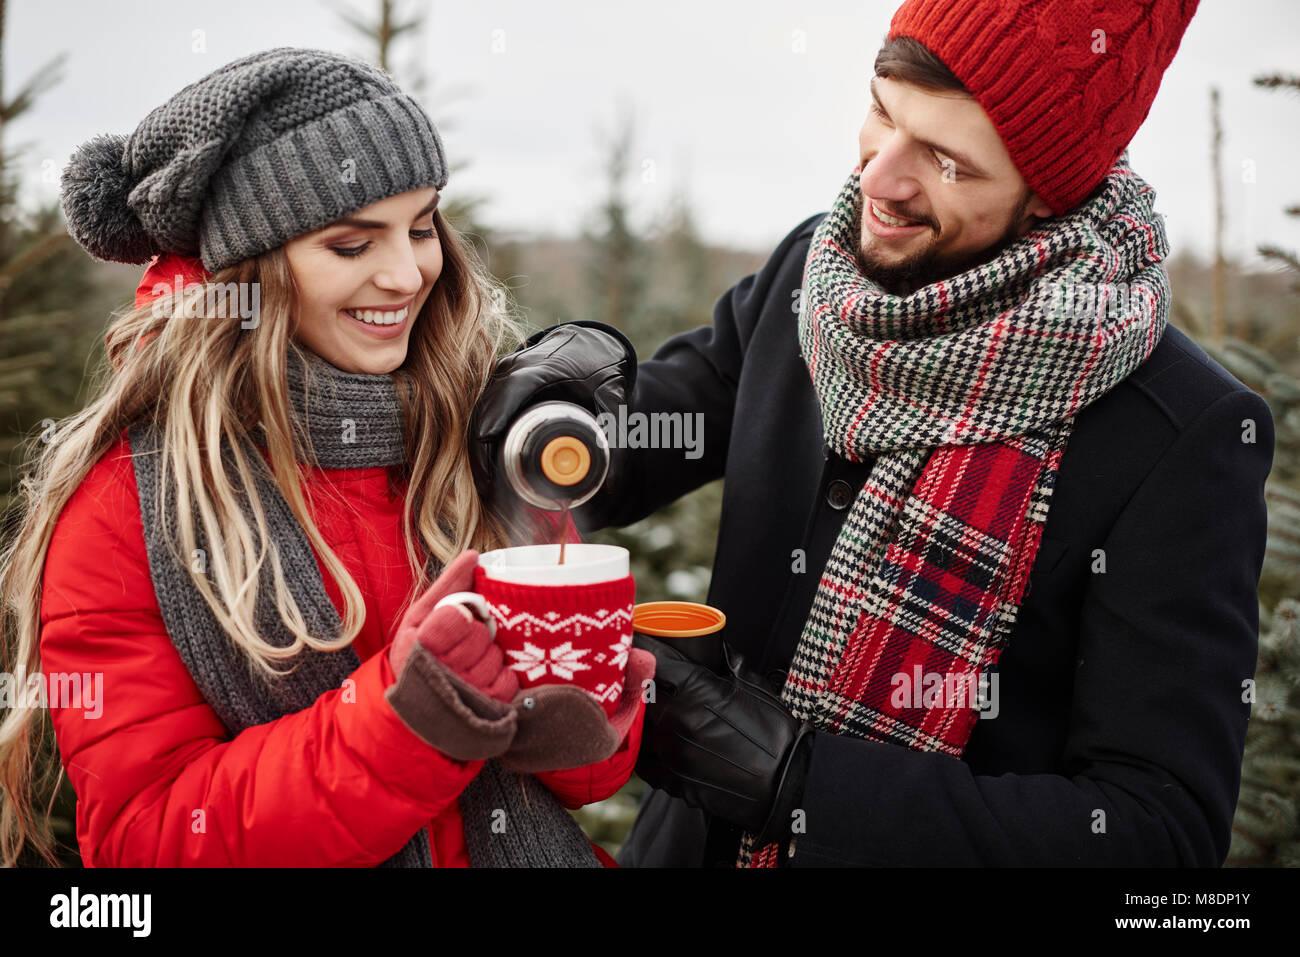 Coppia giovane versando il caffè mentre lo shopping per albero di Natale da foresta Immagini Stock